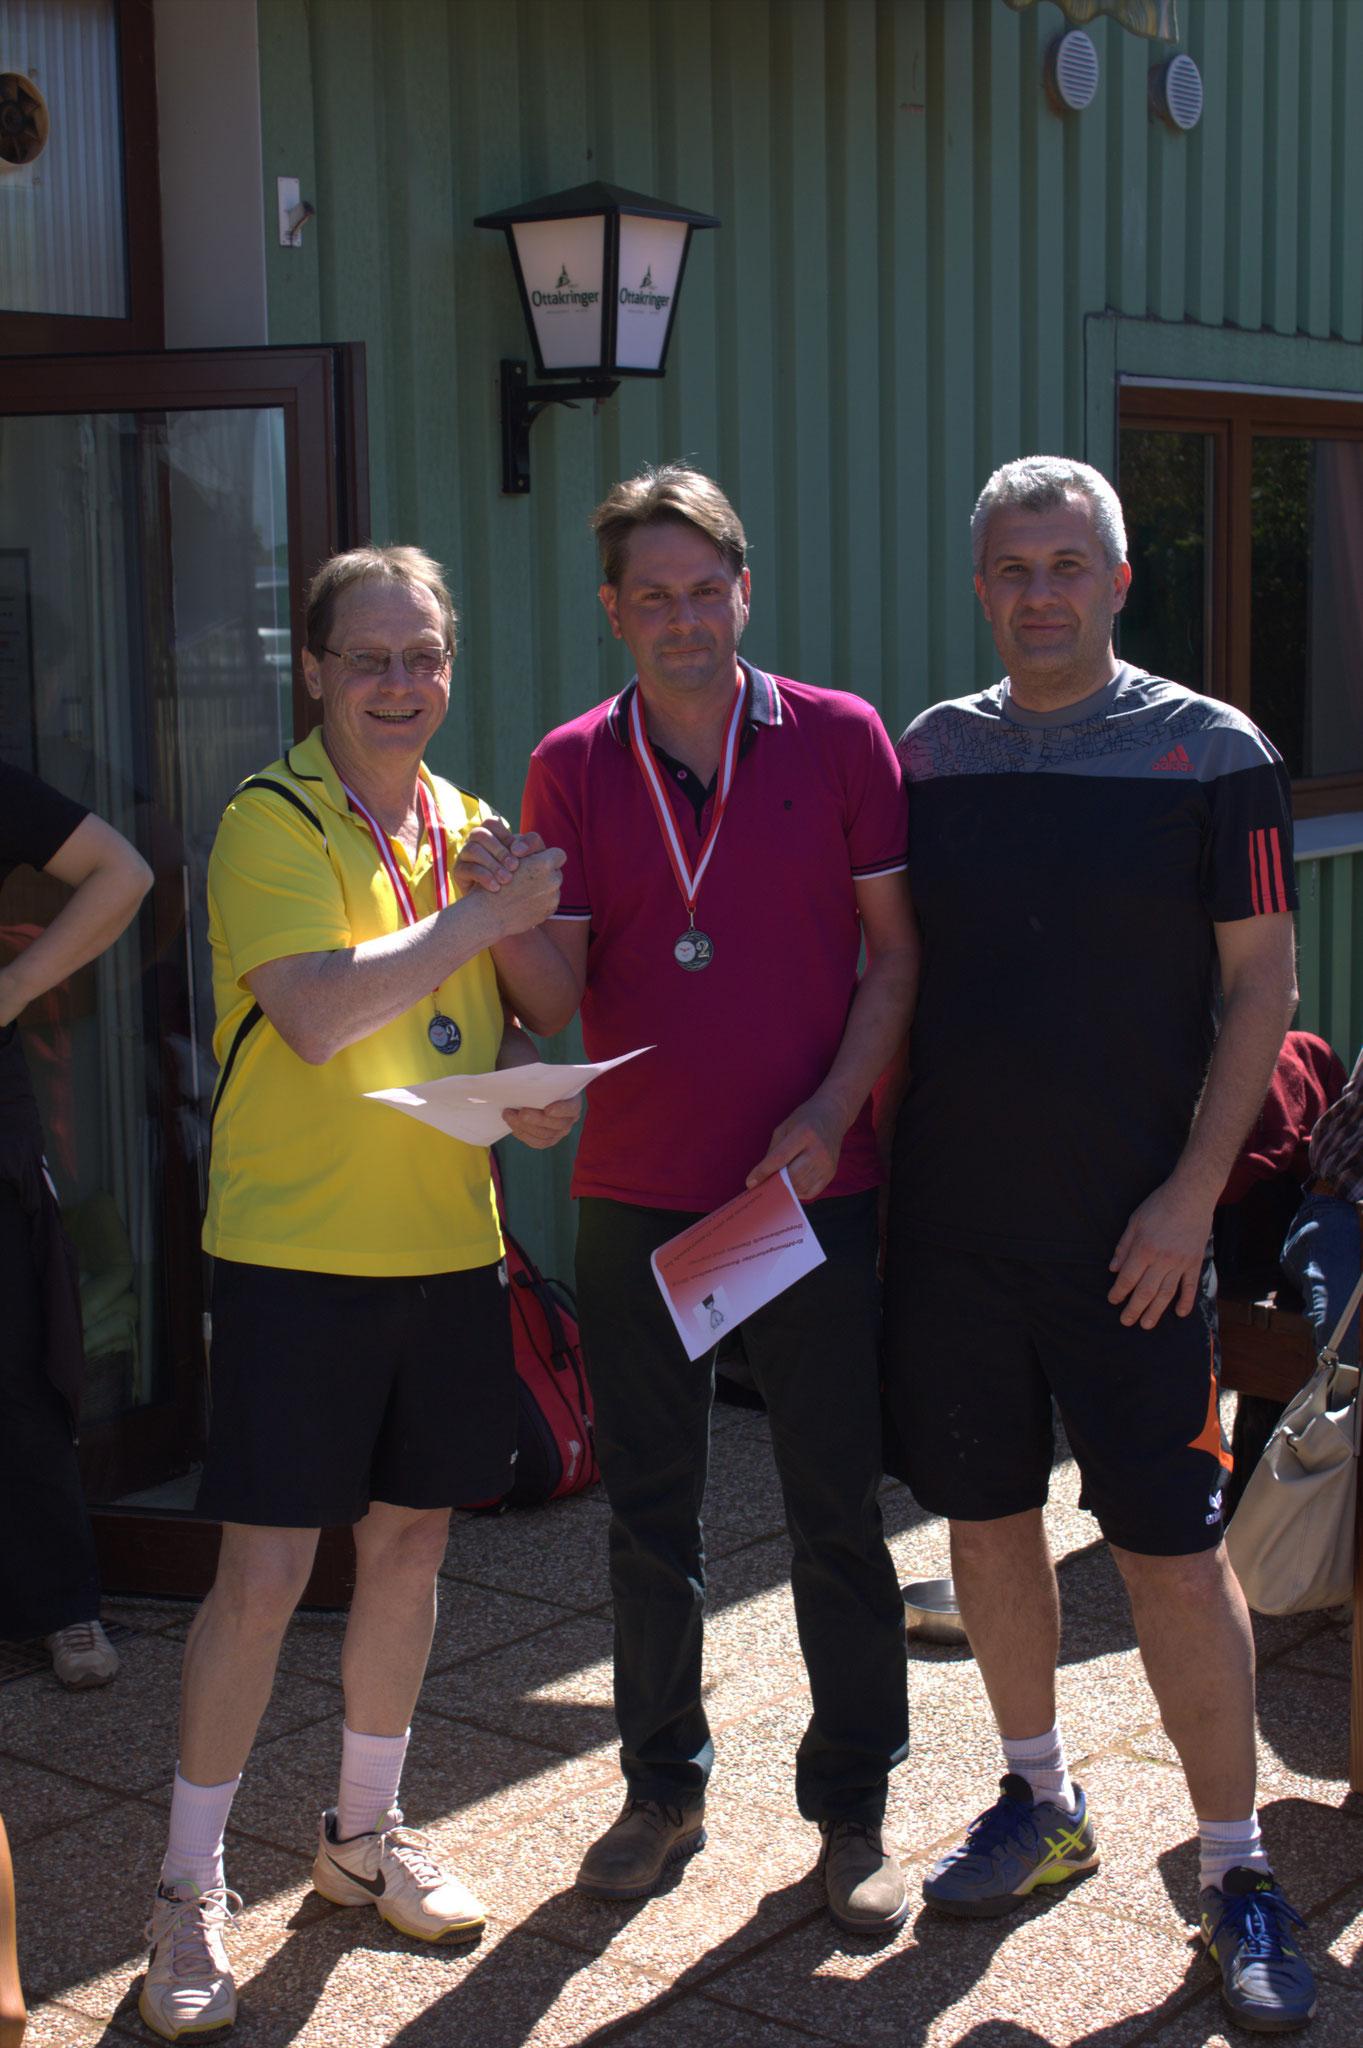 2. Platz: Markus Unger und Gerhard Dangl